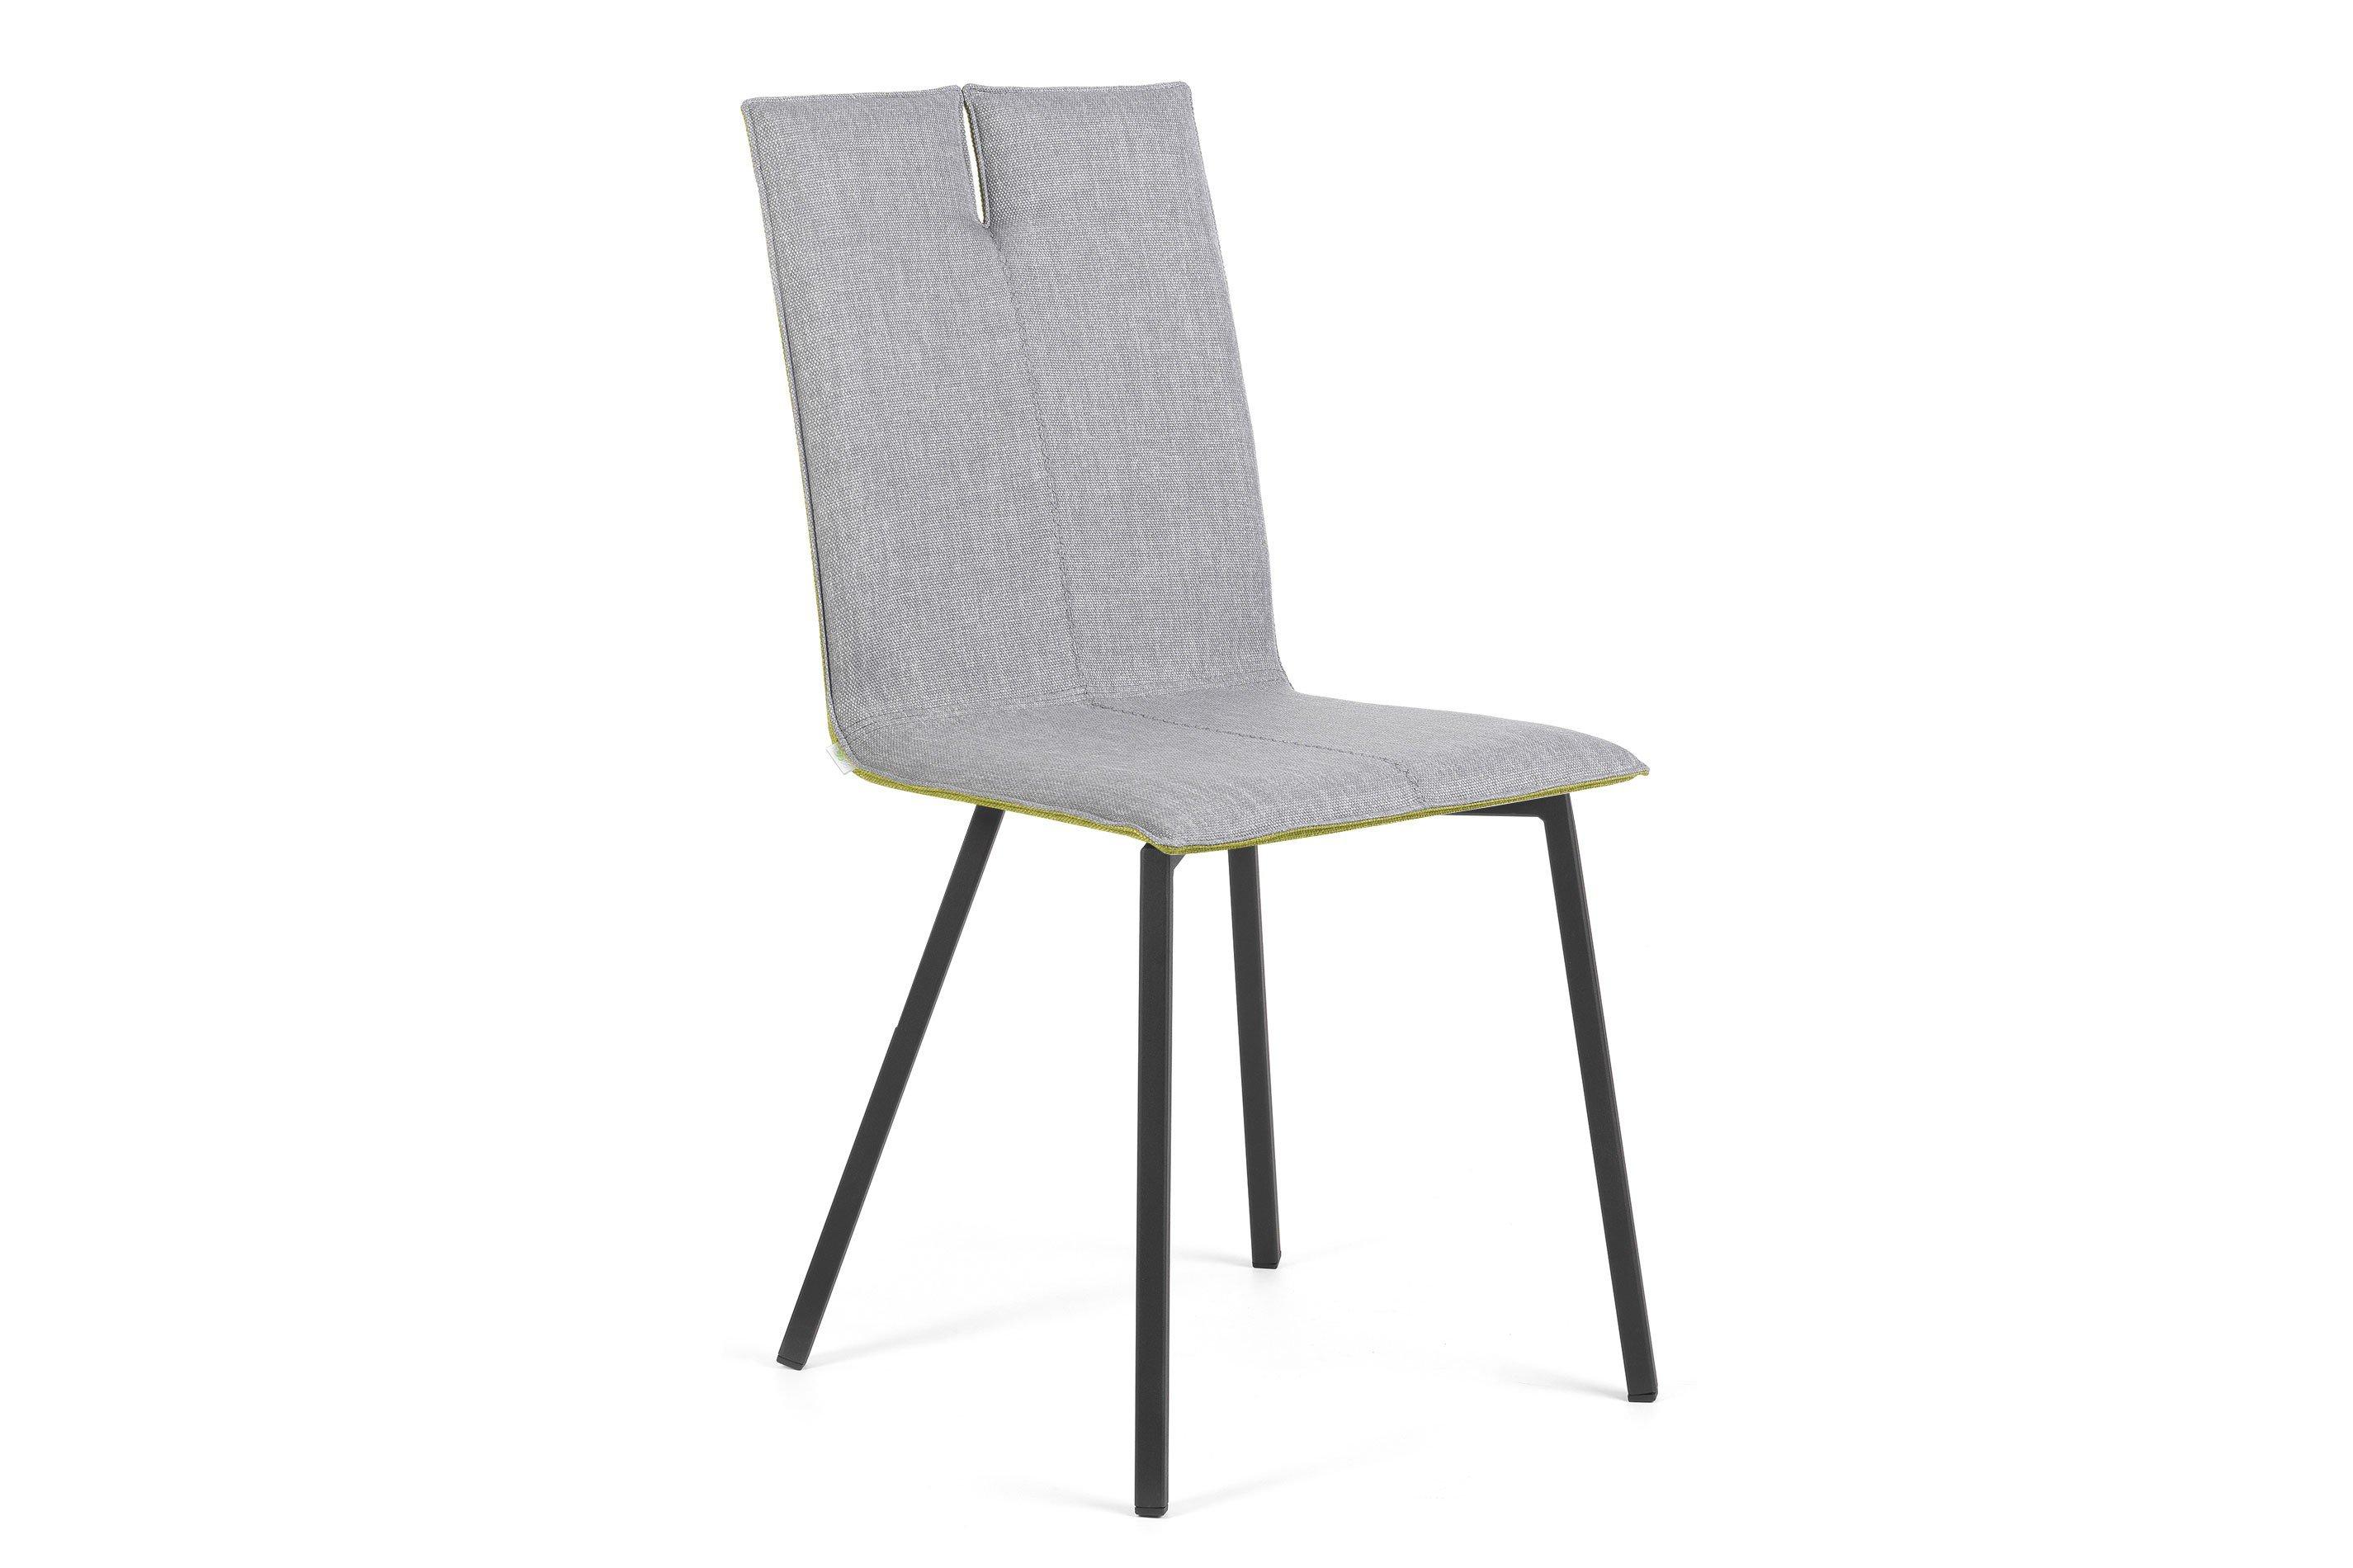 mobitec stuhl mood 31 bi silver lime metall m bel letz ihr online shop. Black Bedroom Furniture Sets. Home Design Ideas